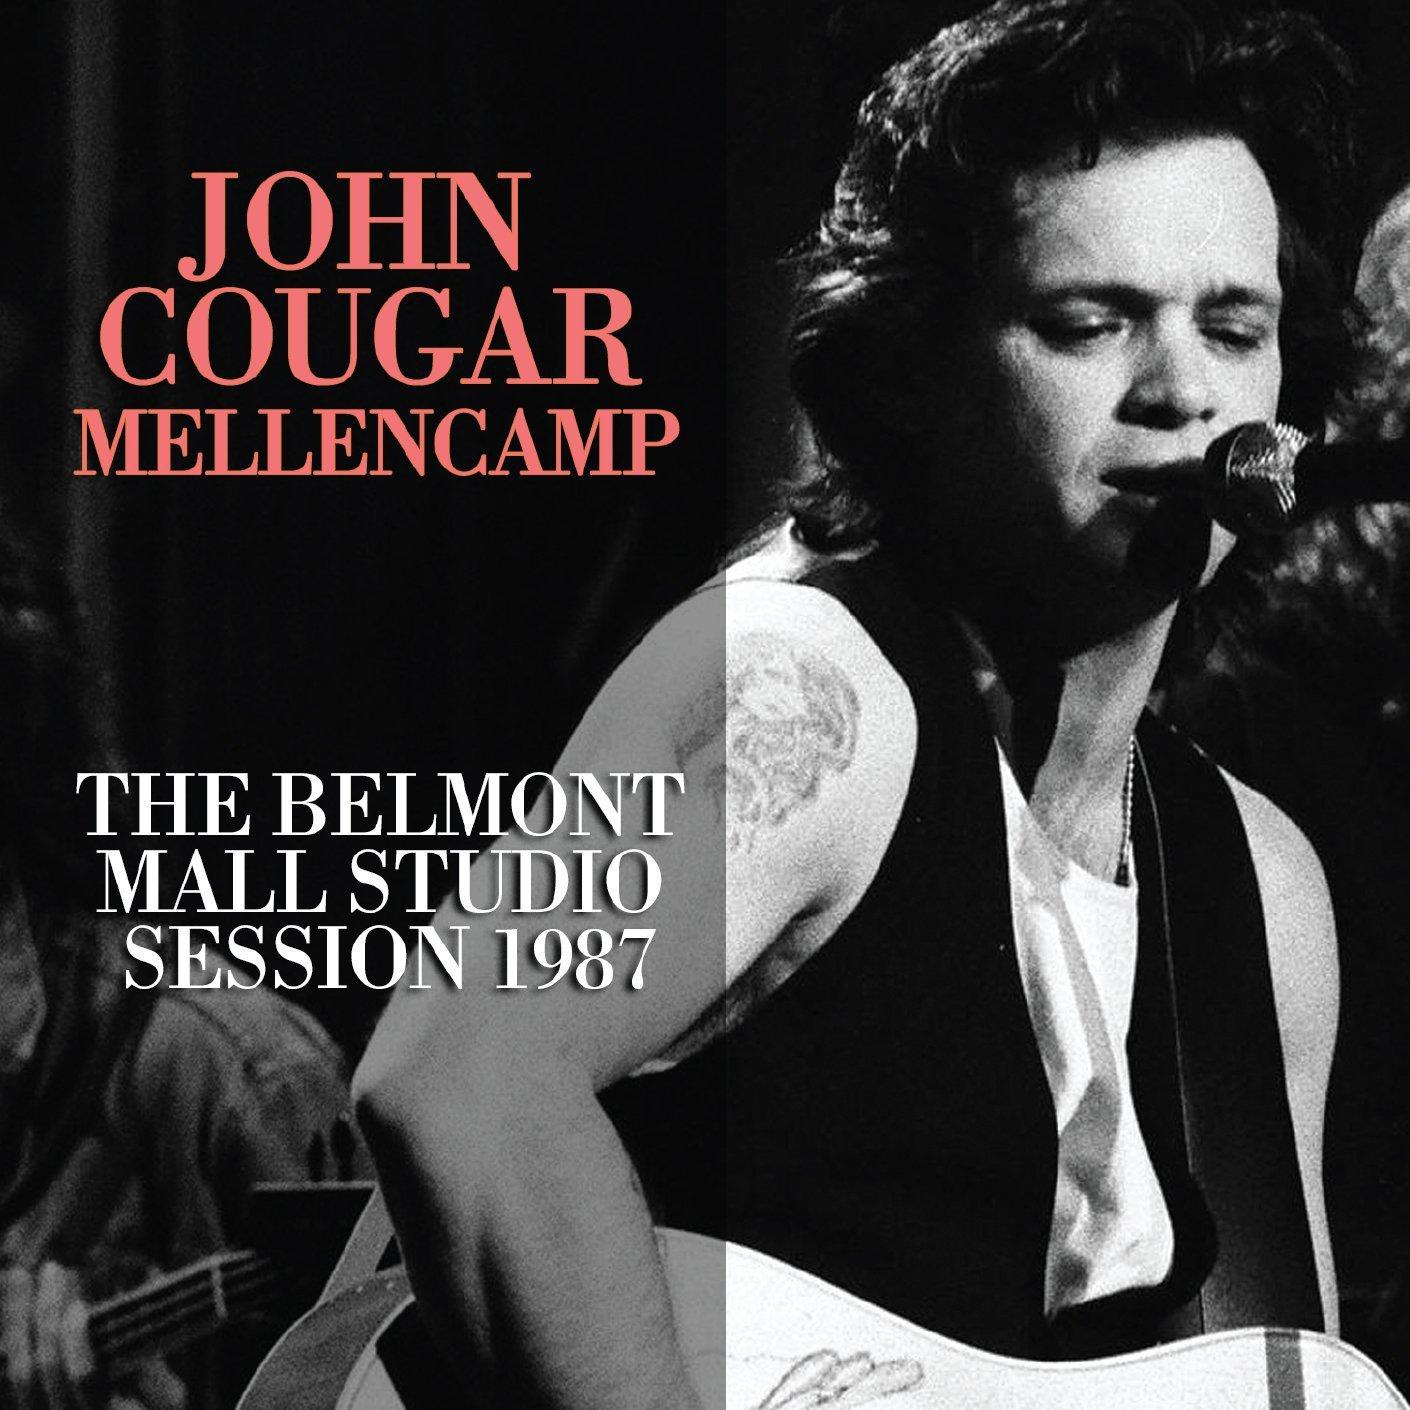 CD : JOHN COUGAR MELLENCAMP - Belmont Mall Studio Session